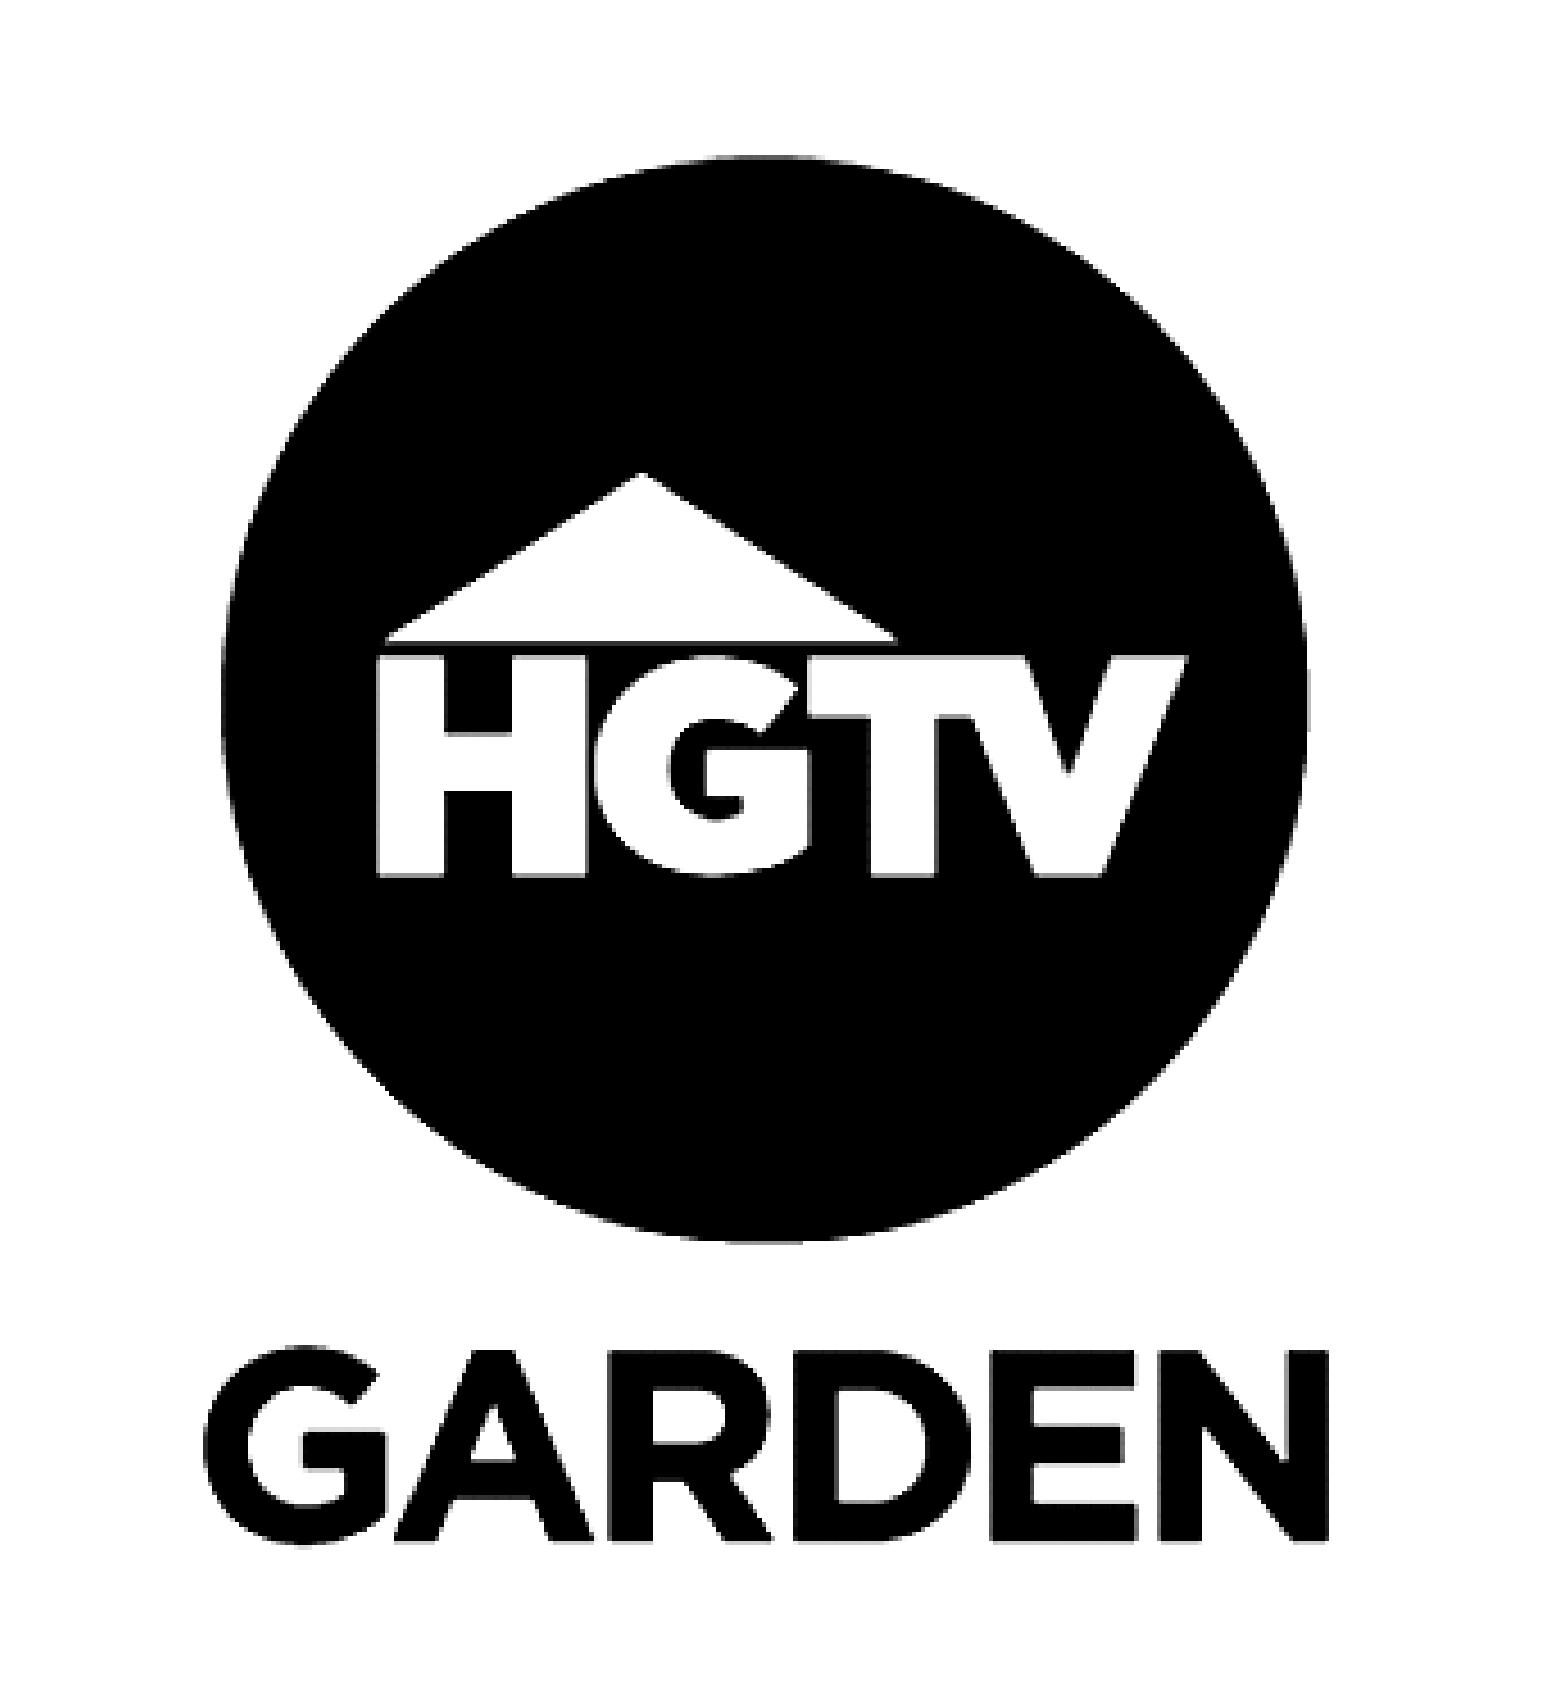 HGTVGarden-01.png